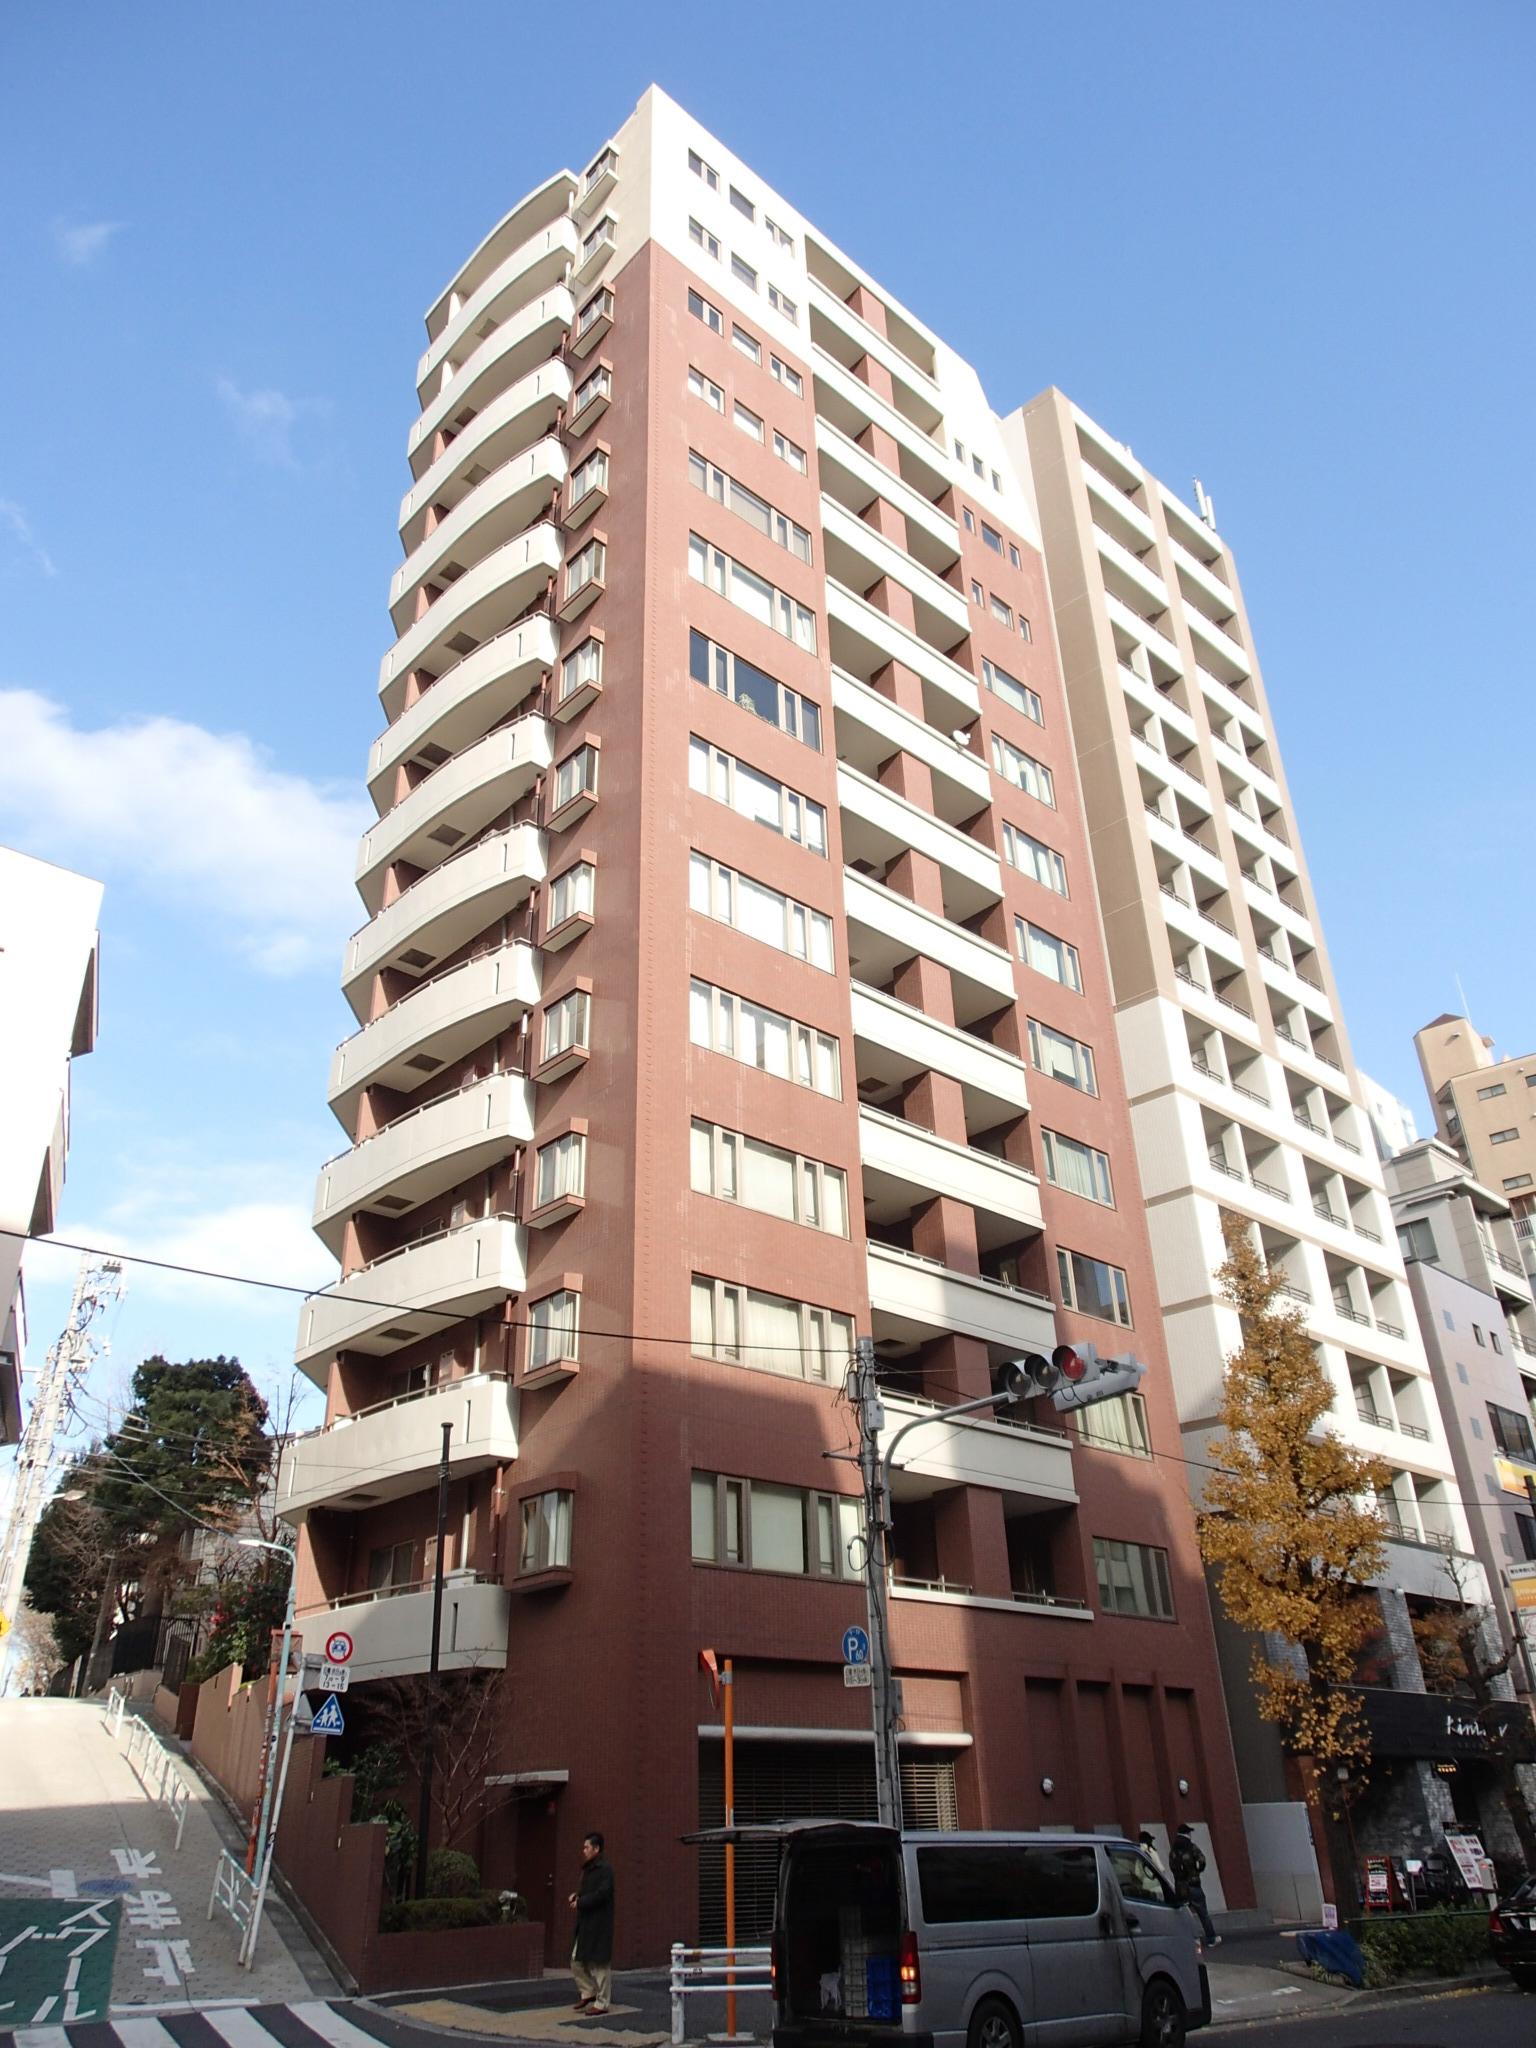 代官山デュープレックス、東京都渋谷区恵比寿西1-21-10、恵比寿駅 徒歩3分代官山駅 徒歩4分